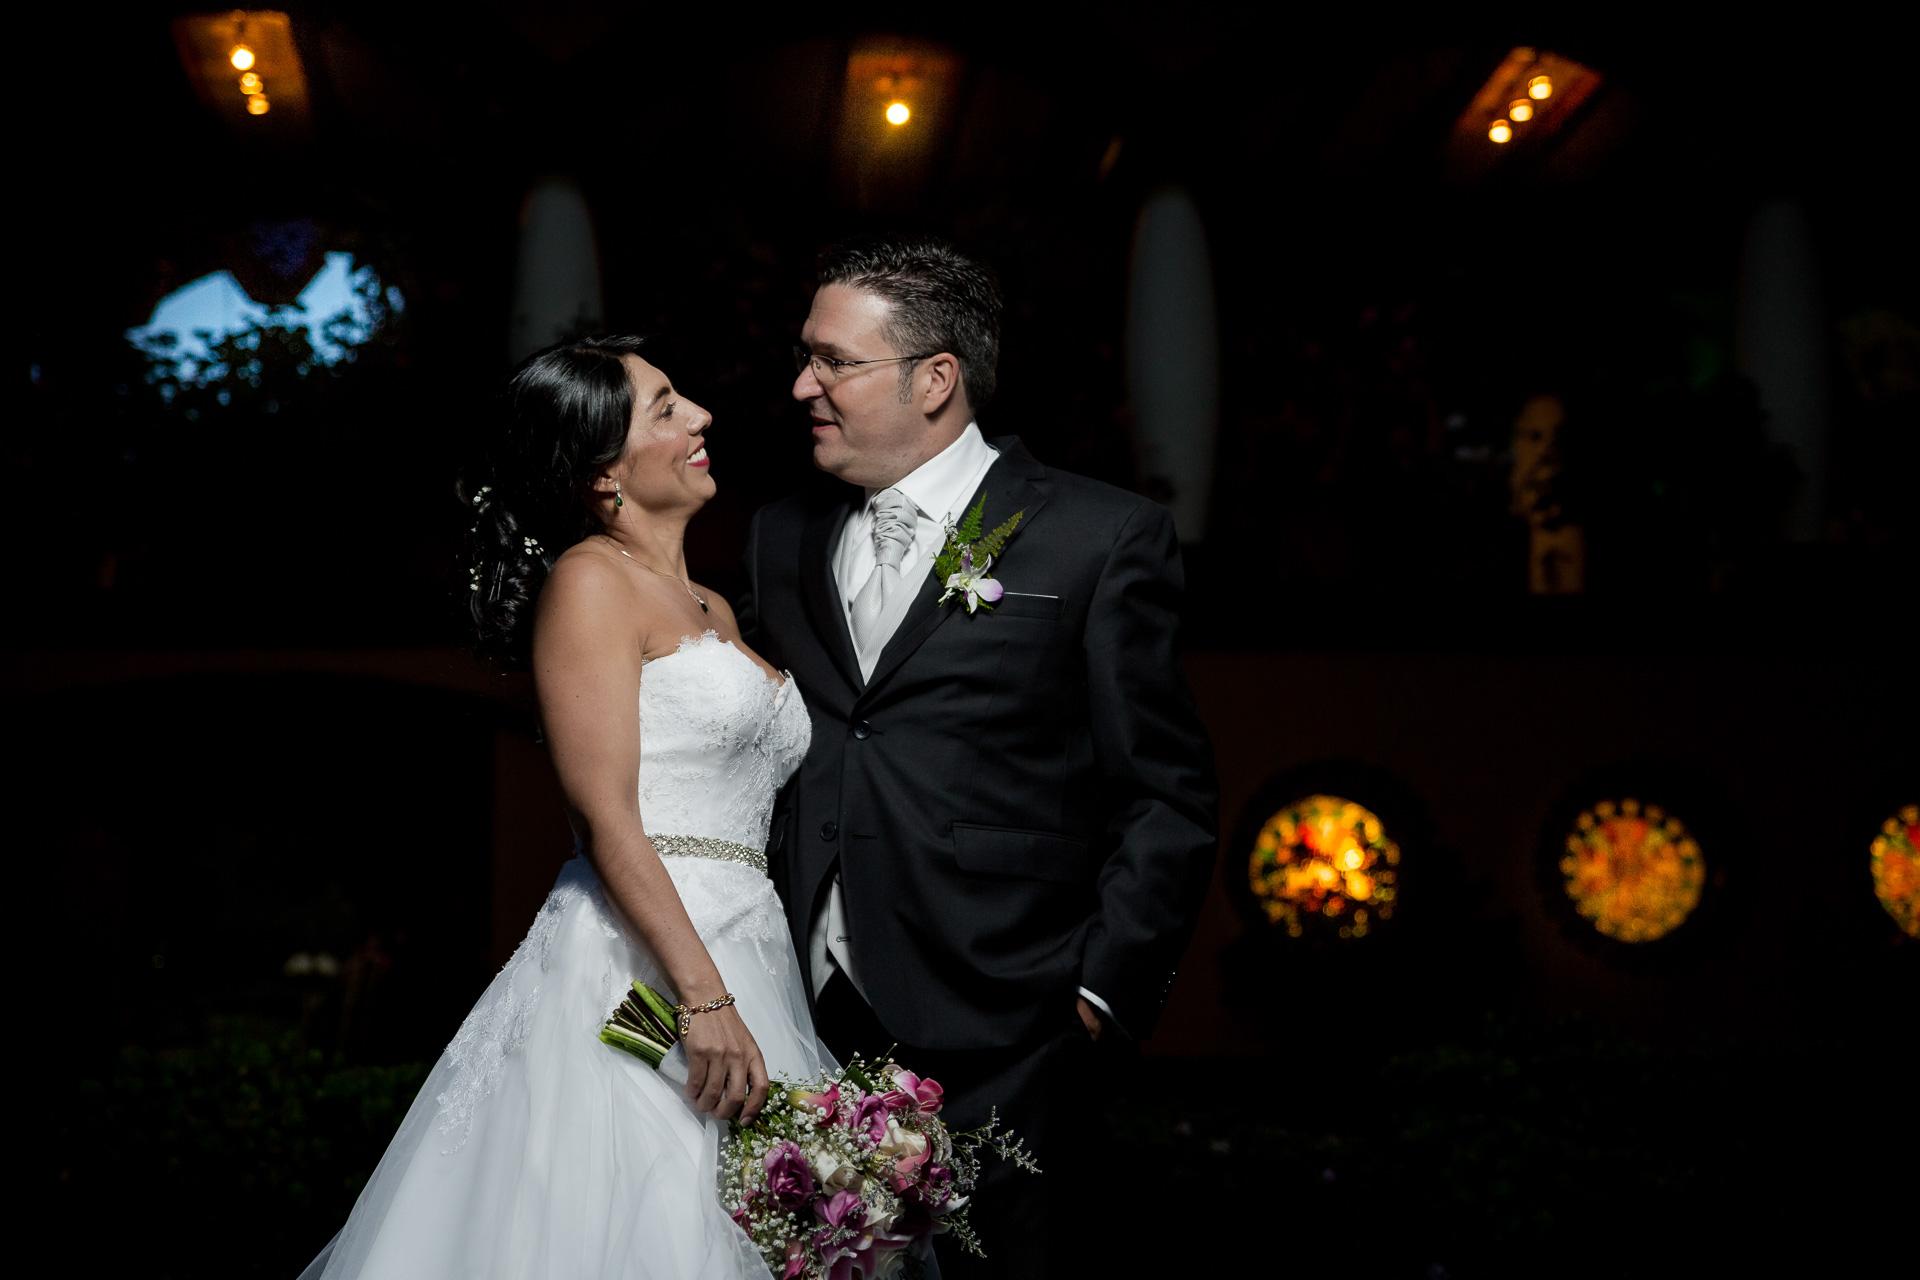 Fotógrafos-de-bodas-en-Colombia-Angela-y-Antonio-52 ANGELA Y ANTONIO